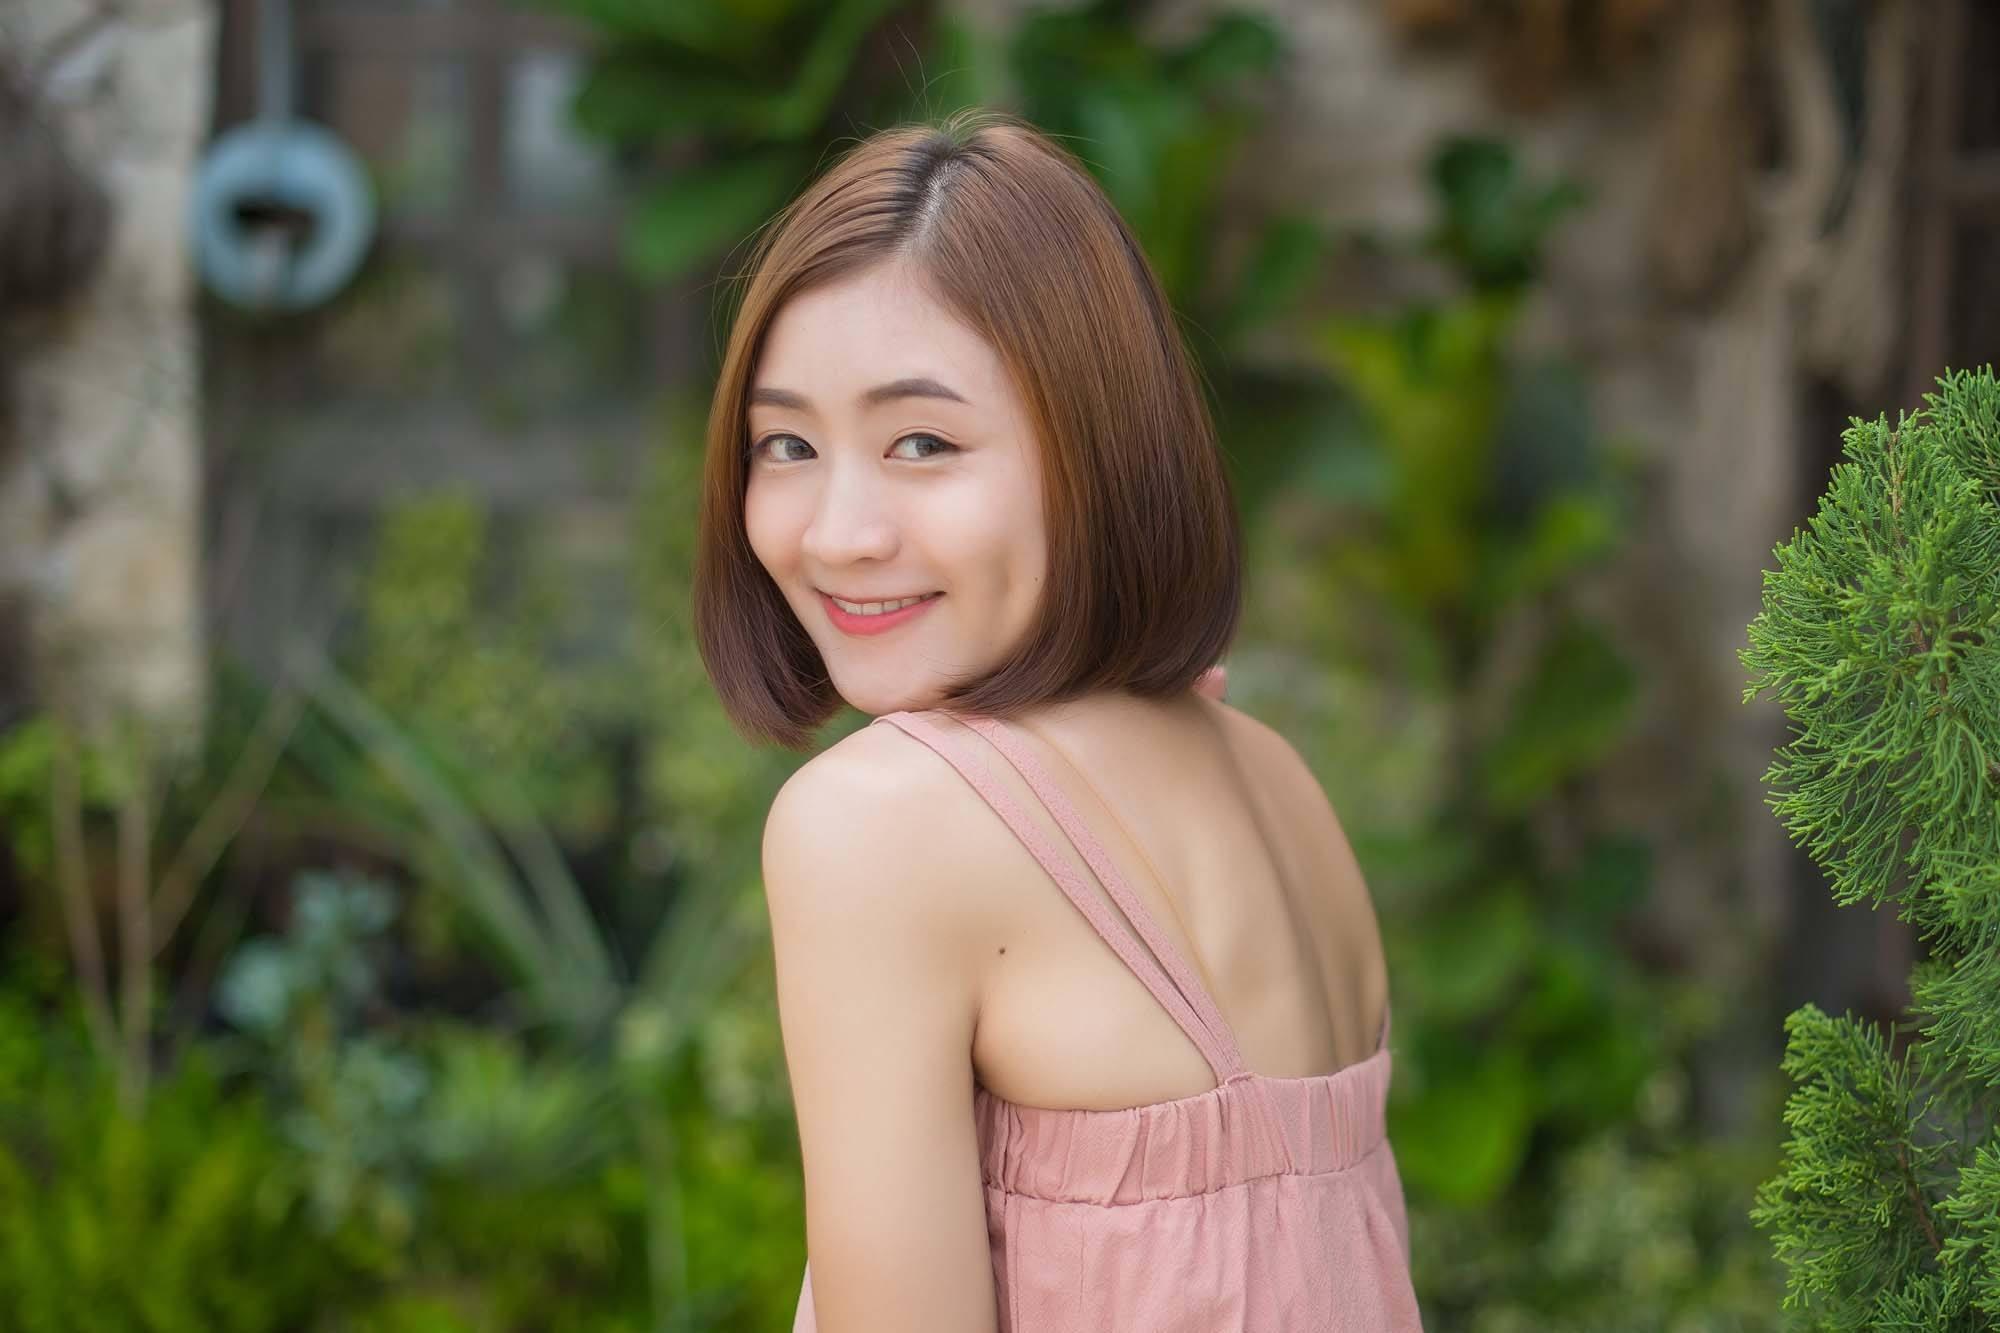 ผู้หญิงเอเชีย ผมบ๊อบ เสื้อสีชมพู